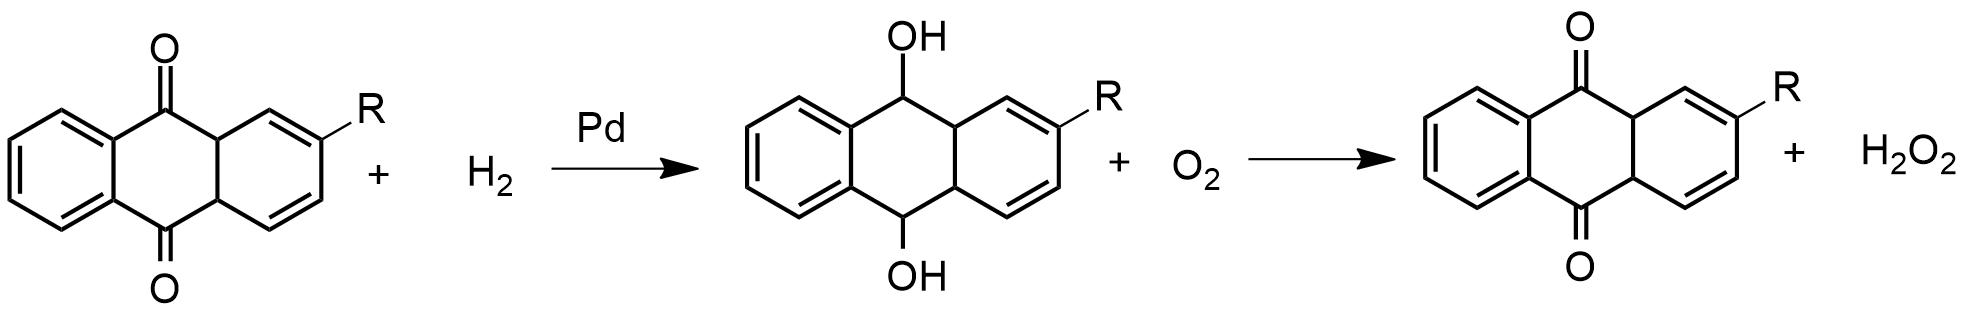 Hydrogen Peroxide Chemical Equation - Tessshebaylo H2 Structural Formula